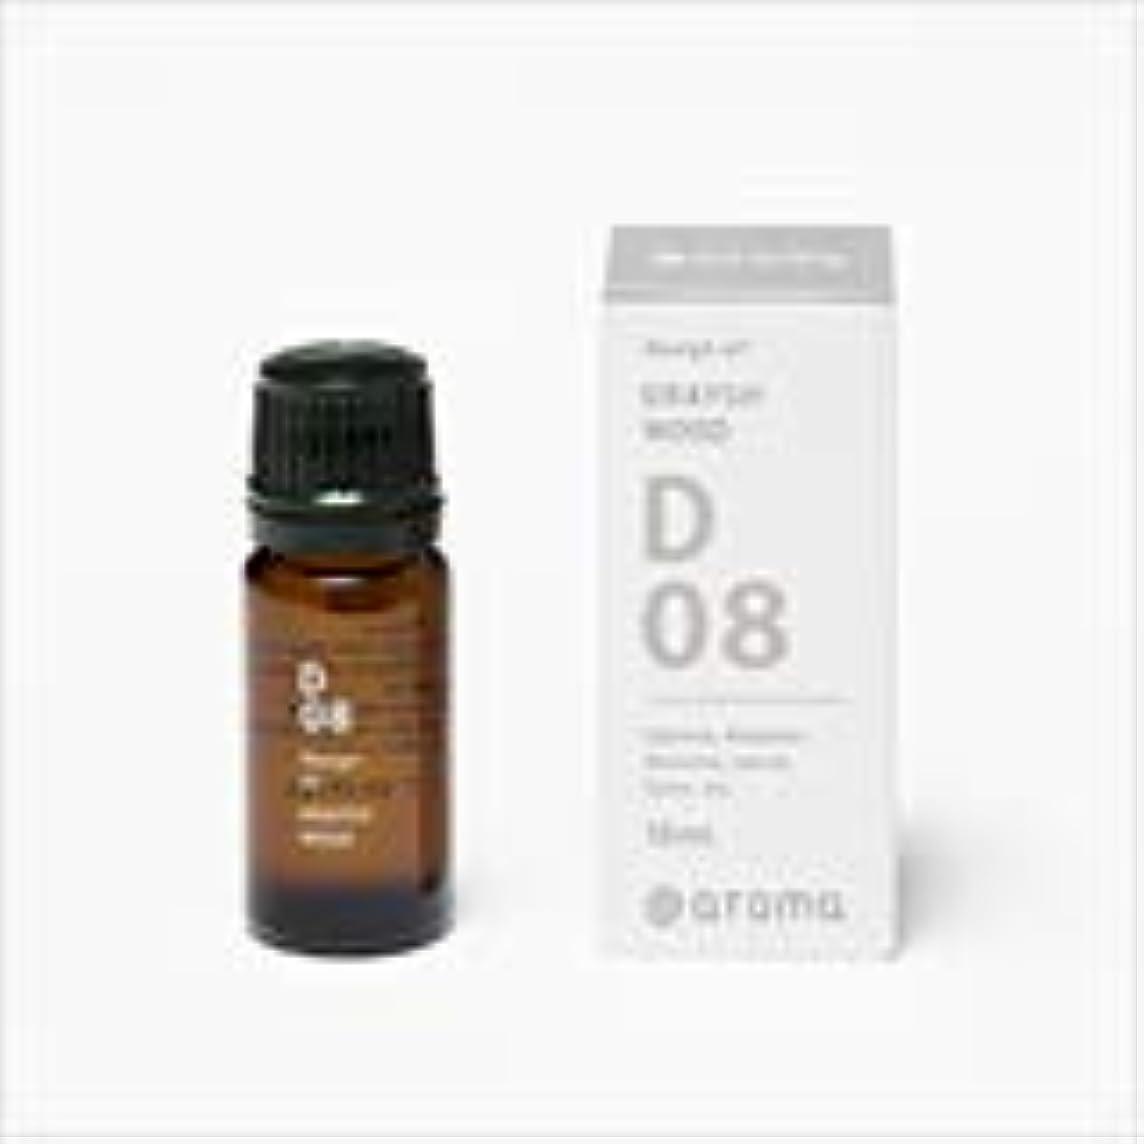 剛性拡散する観光に行くアットアロマ 100%pure essential oil <Design air アーバンスカイ>